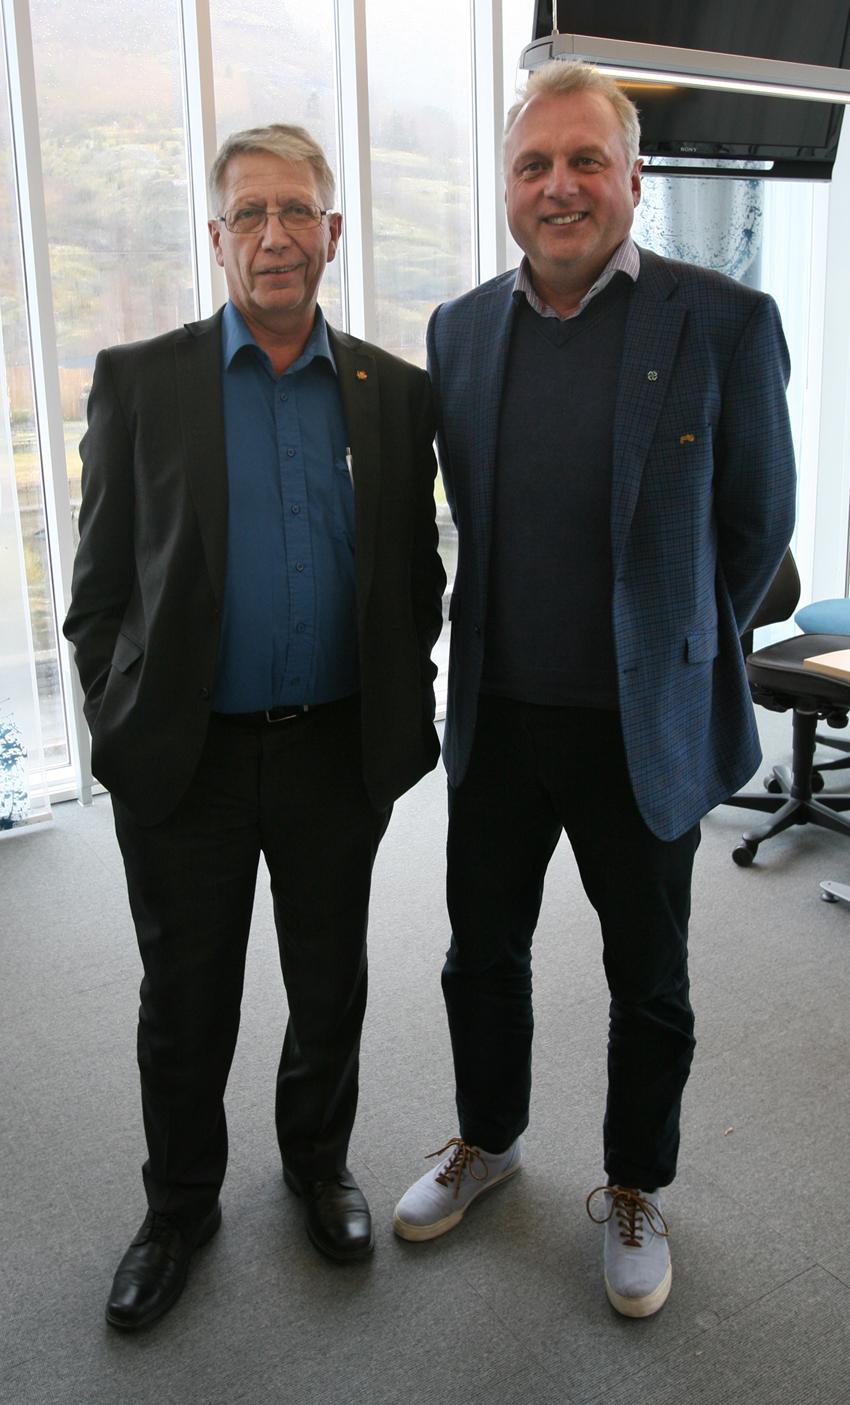 Vegdirektør Terje Moe Gustavsen og ordførar Jan-Geir Solheim i lokala der Nasjonalt løyveeining skal halde til. (tekst og foto: Odd Helge Brugrand)